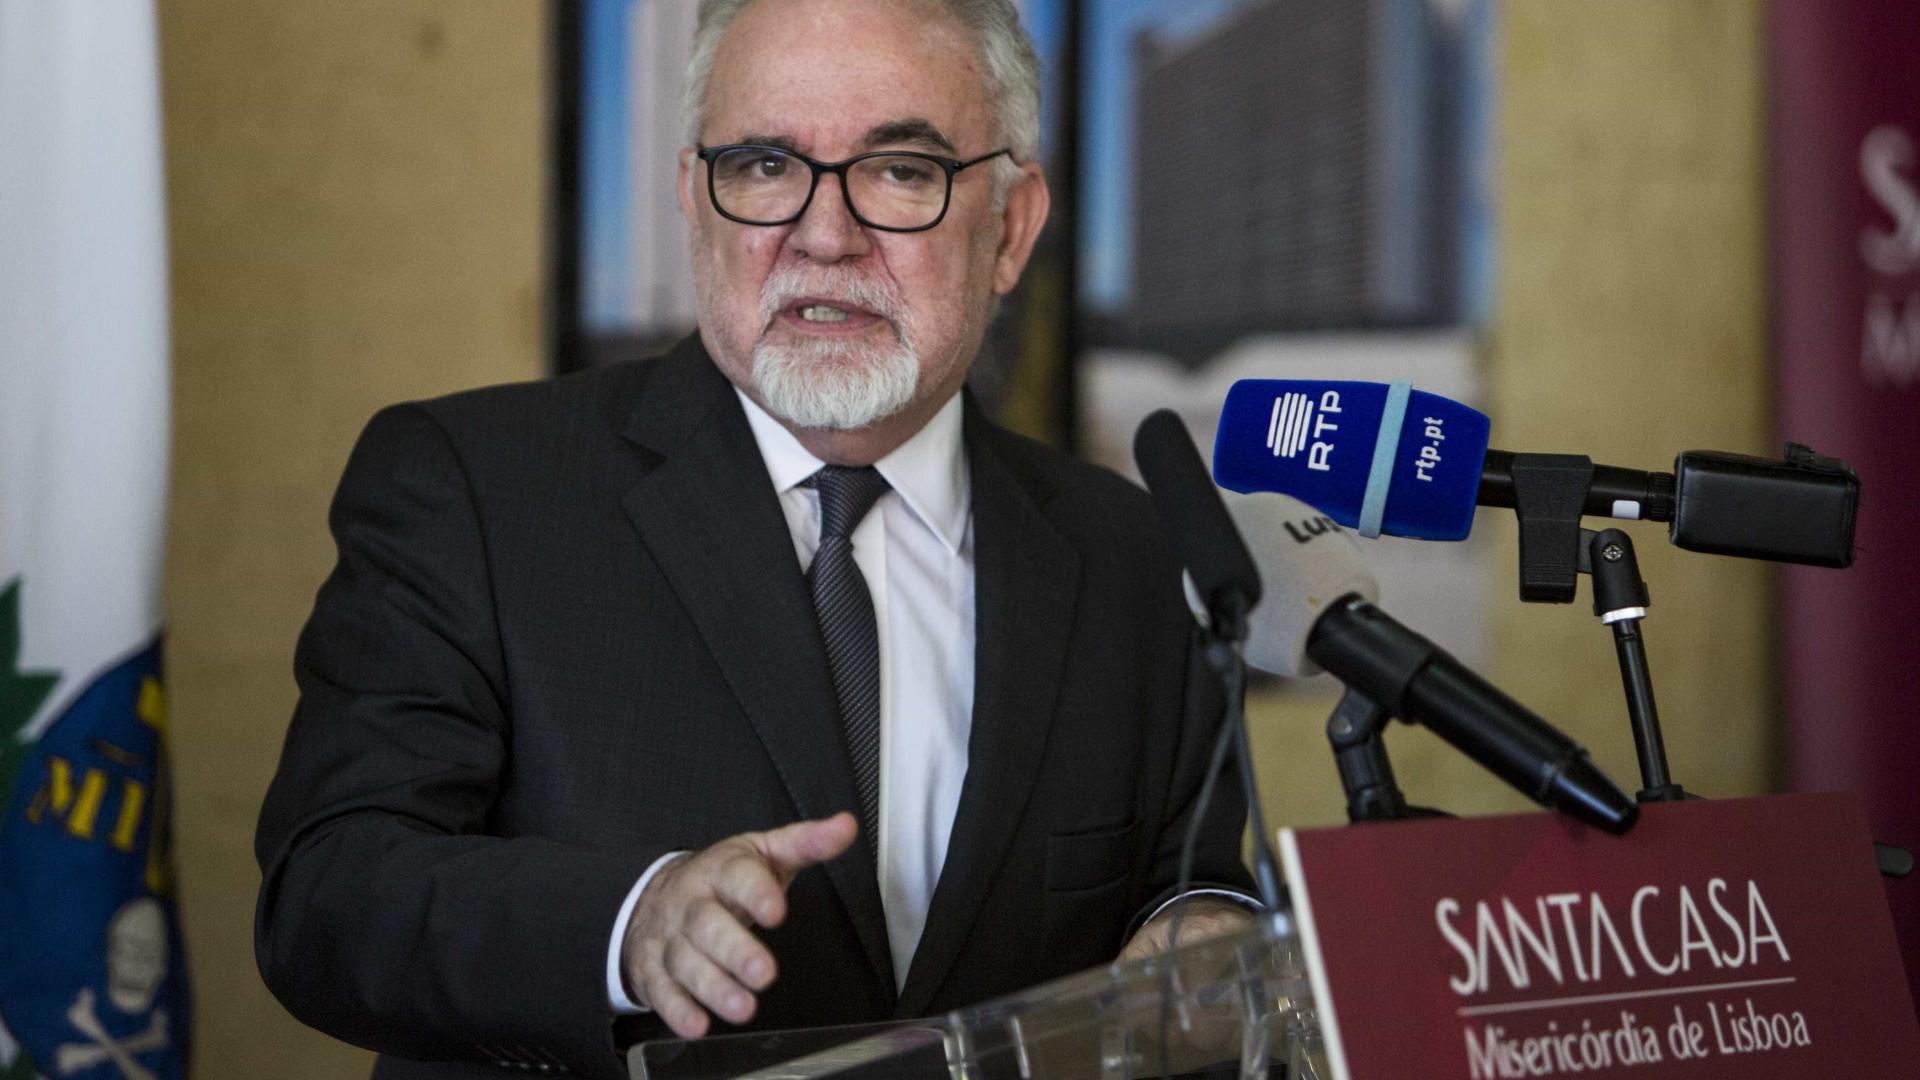 """Ministro avisa que diálogo social e negociação """"não significam abdicação"""""""